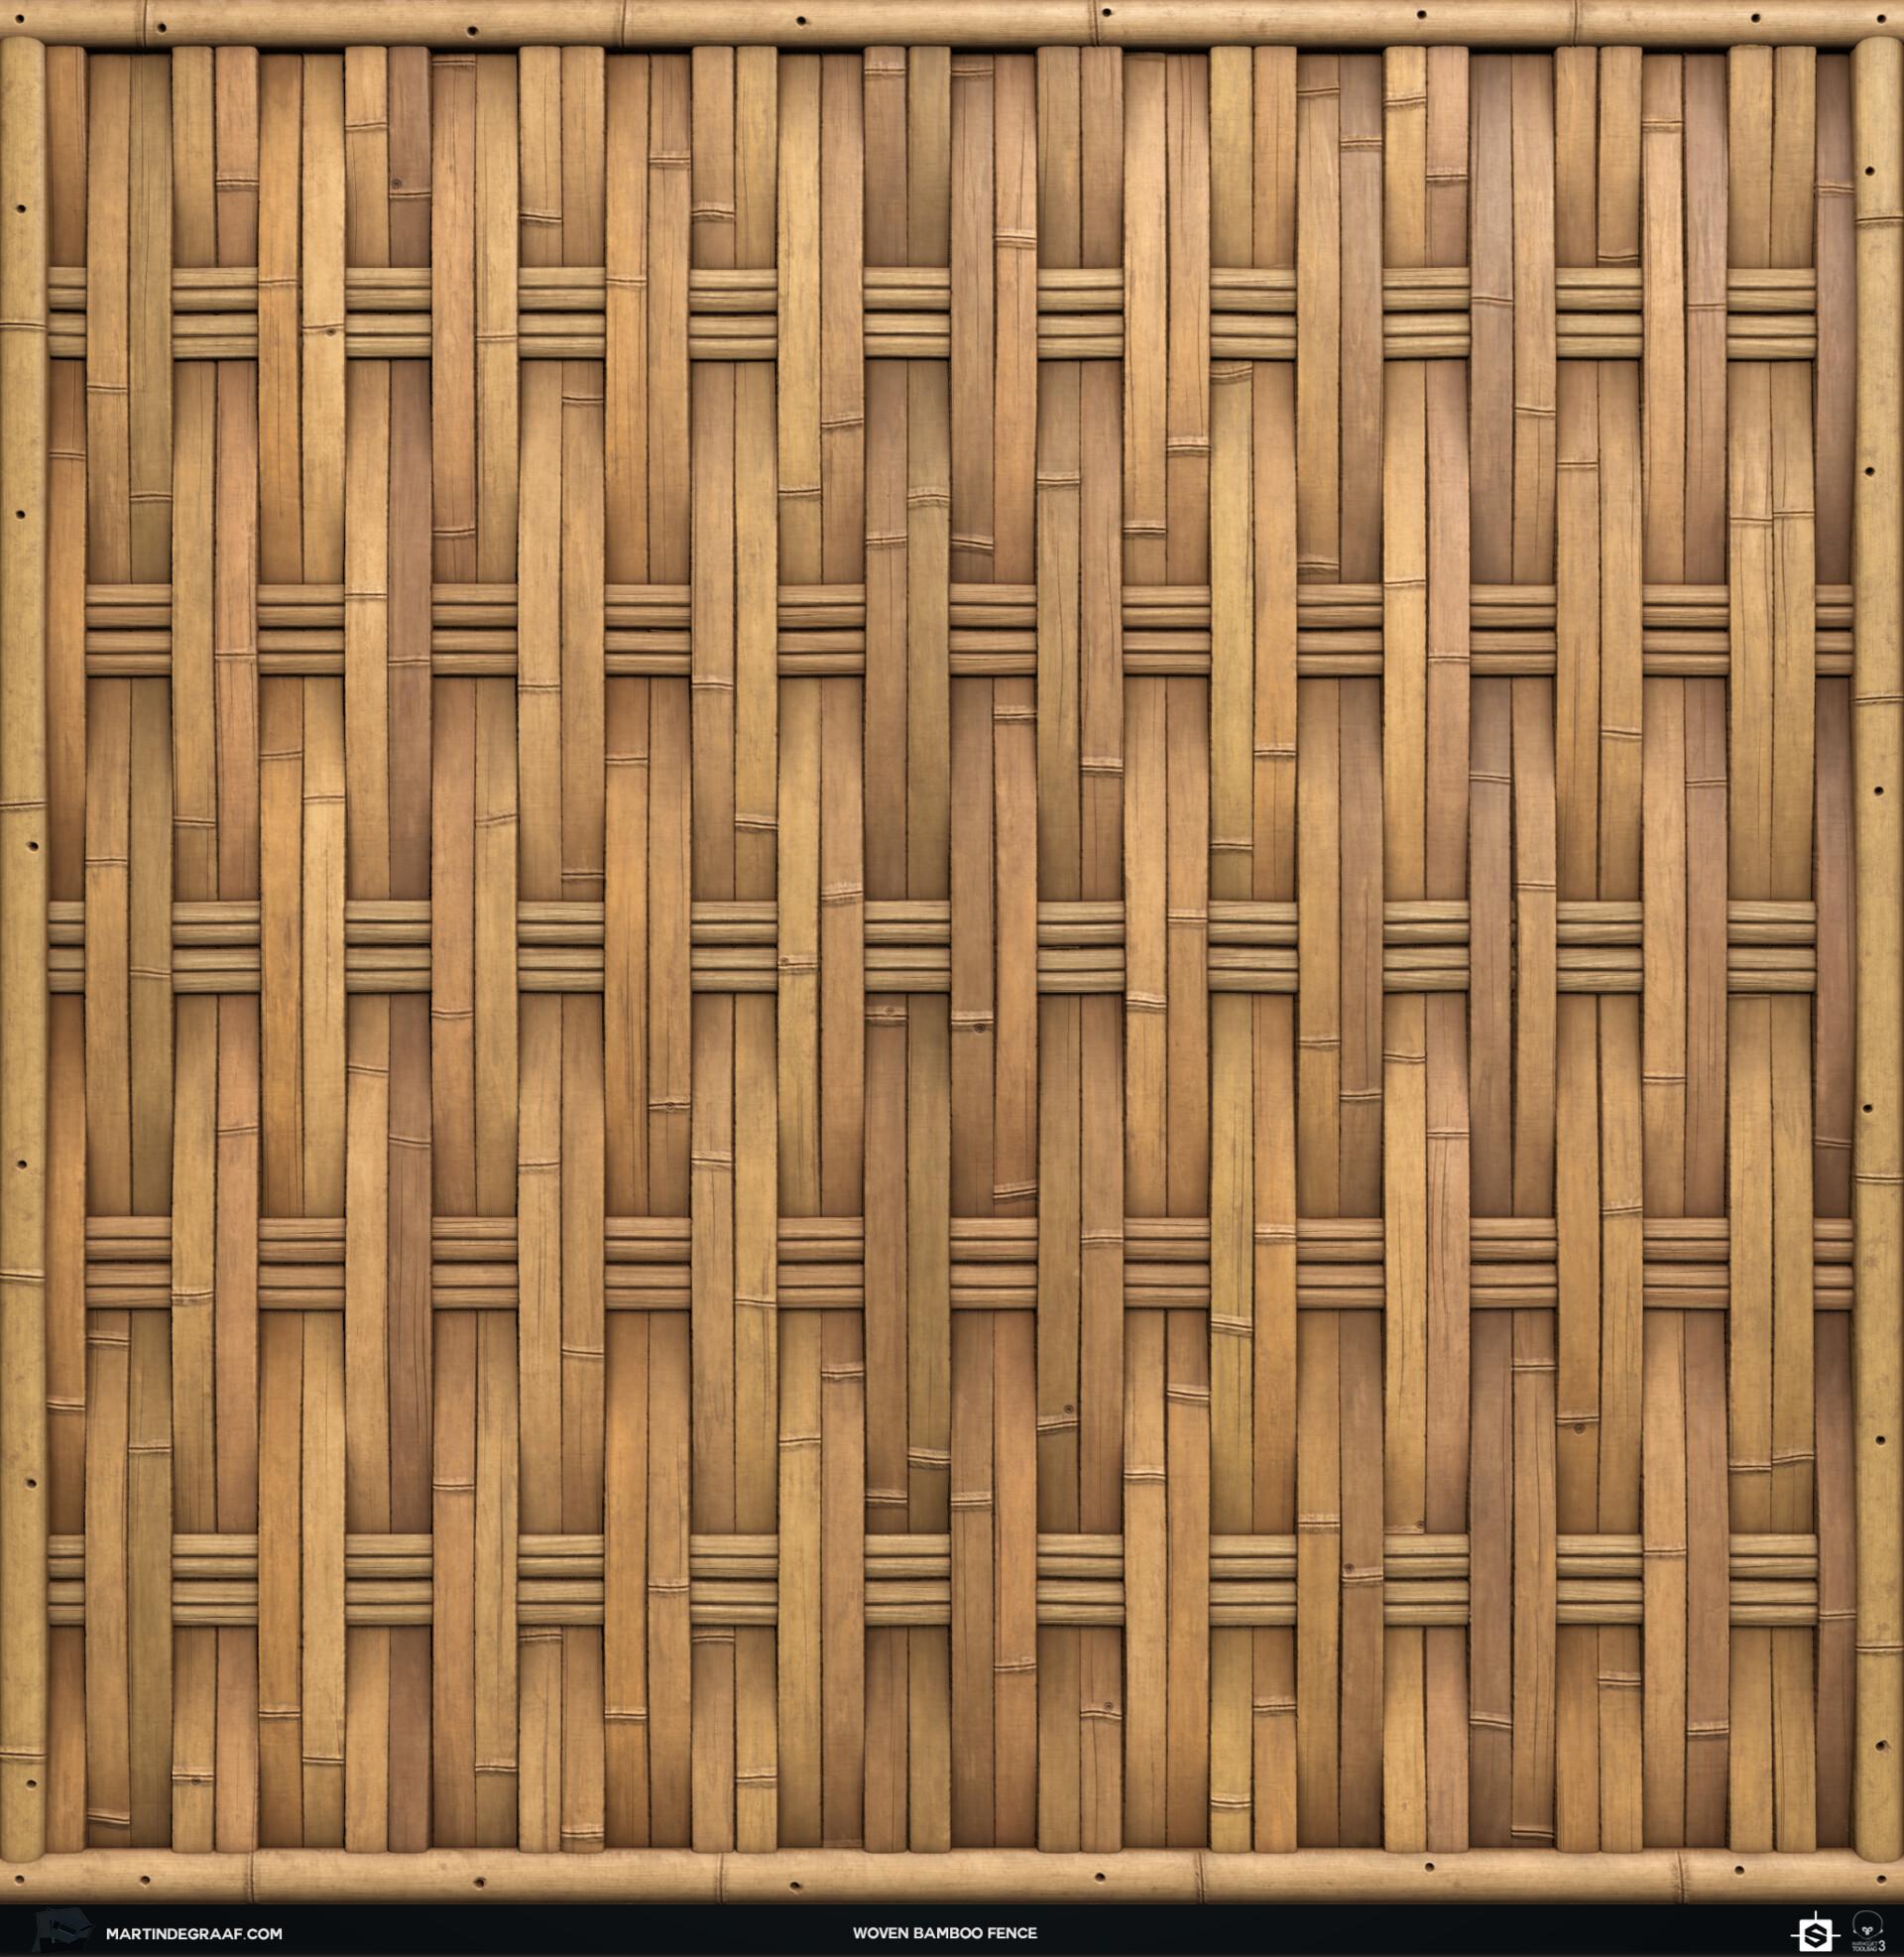 Martin de graaf woven bamboo fence substance front2 martin de graaf 2019